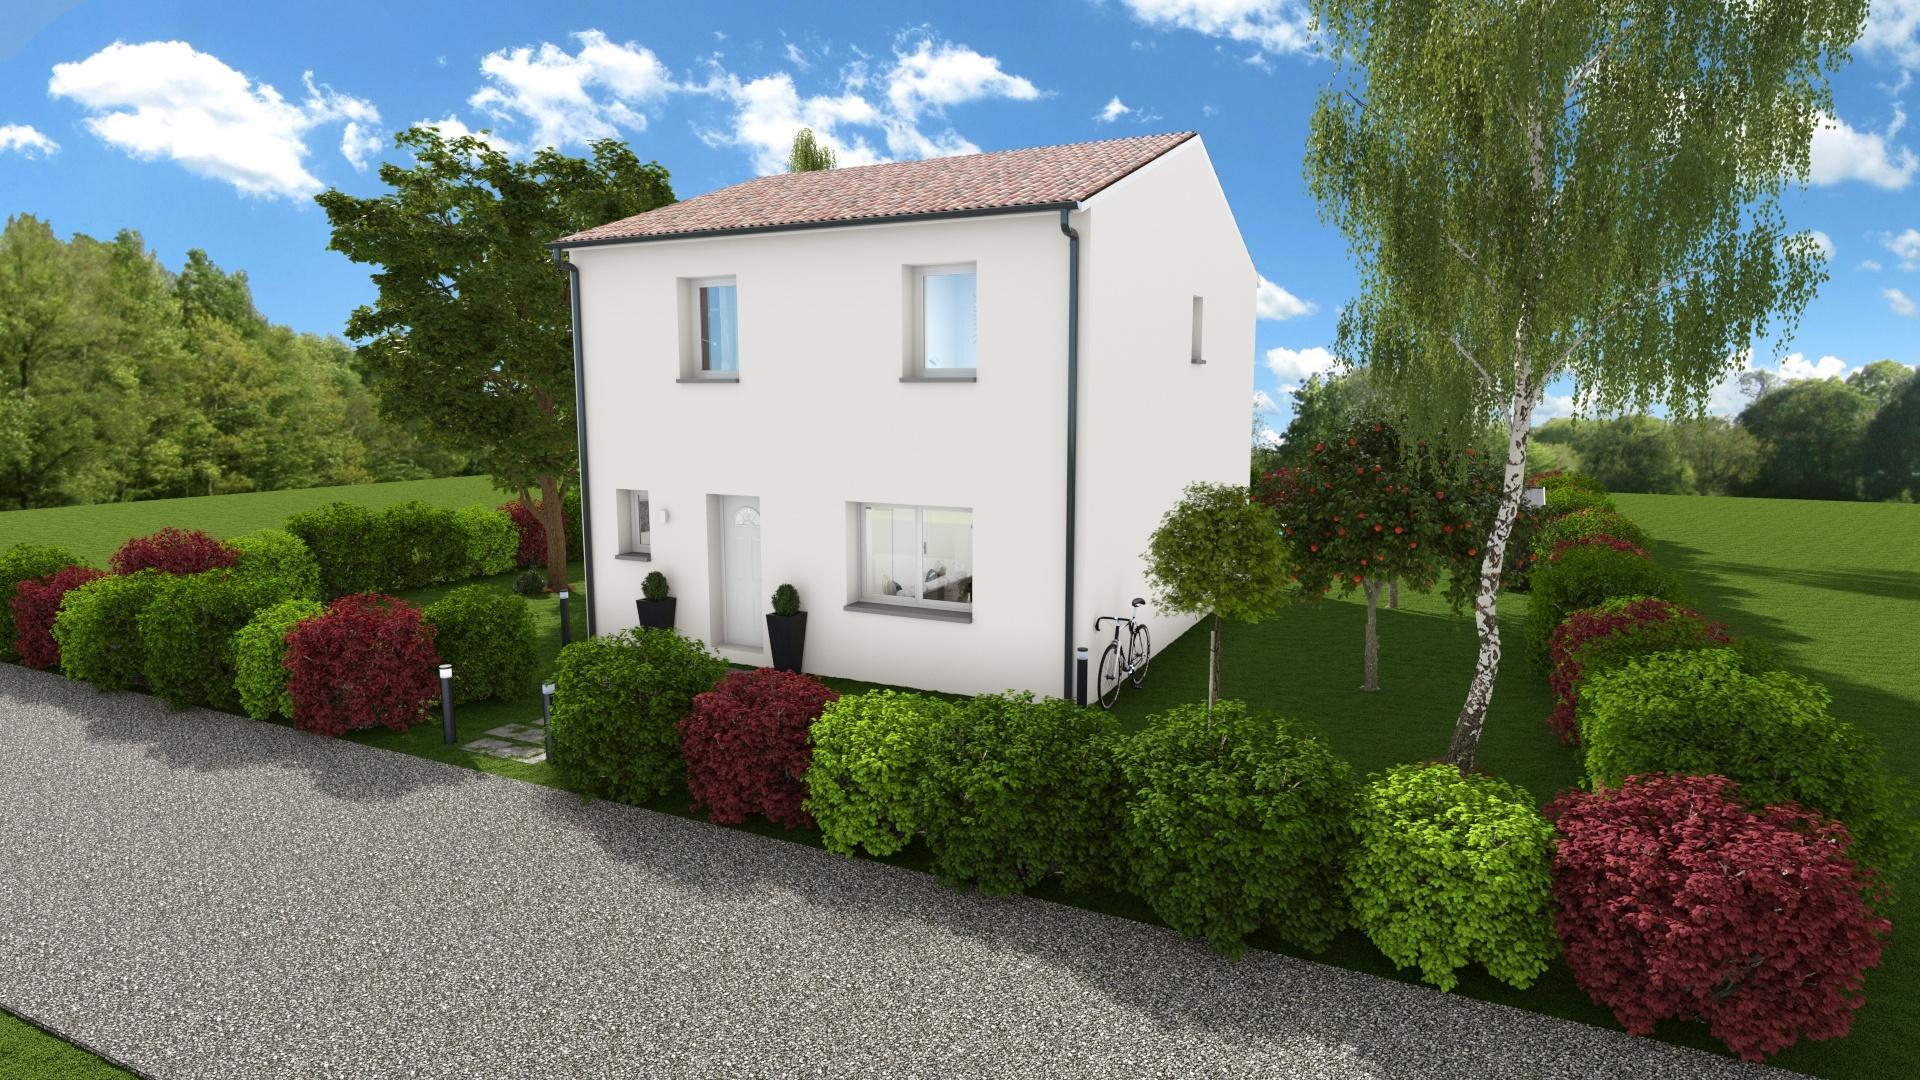 Maisons + Terrains du constructeur Maison Familiale Toulouse • 104 m² • BONREPOS SUR AUSSONNELLE